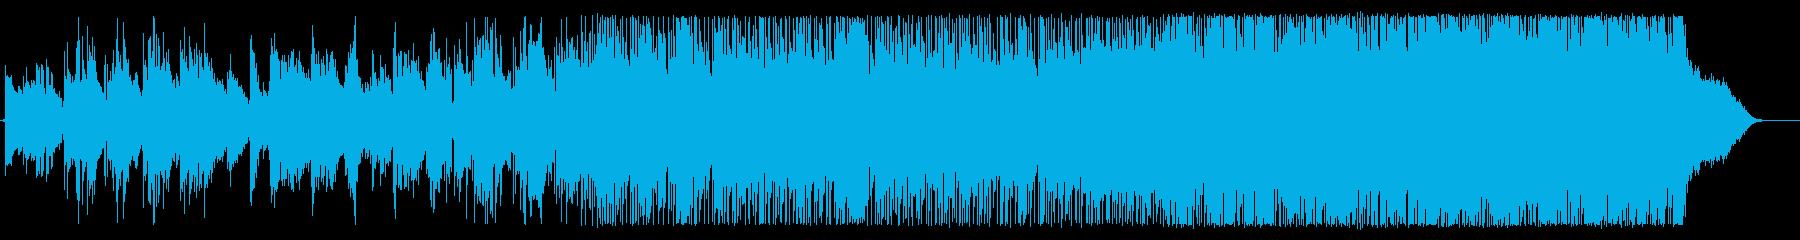 電子的要素とライブドラムを備えたナ...の再生済みの波形